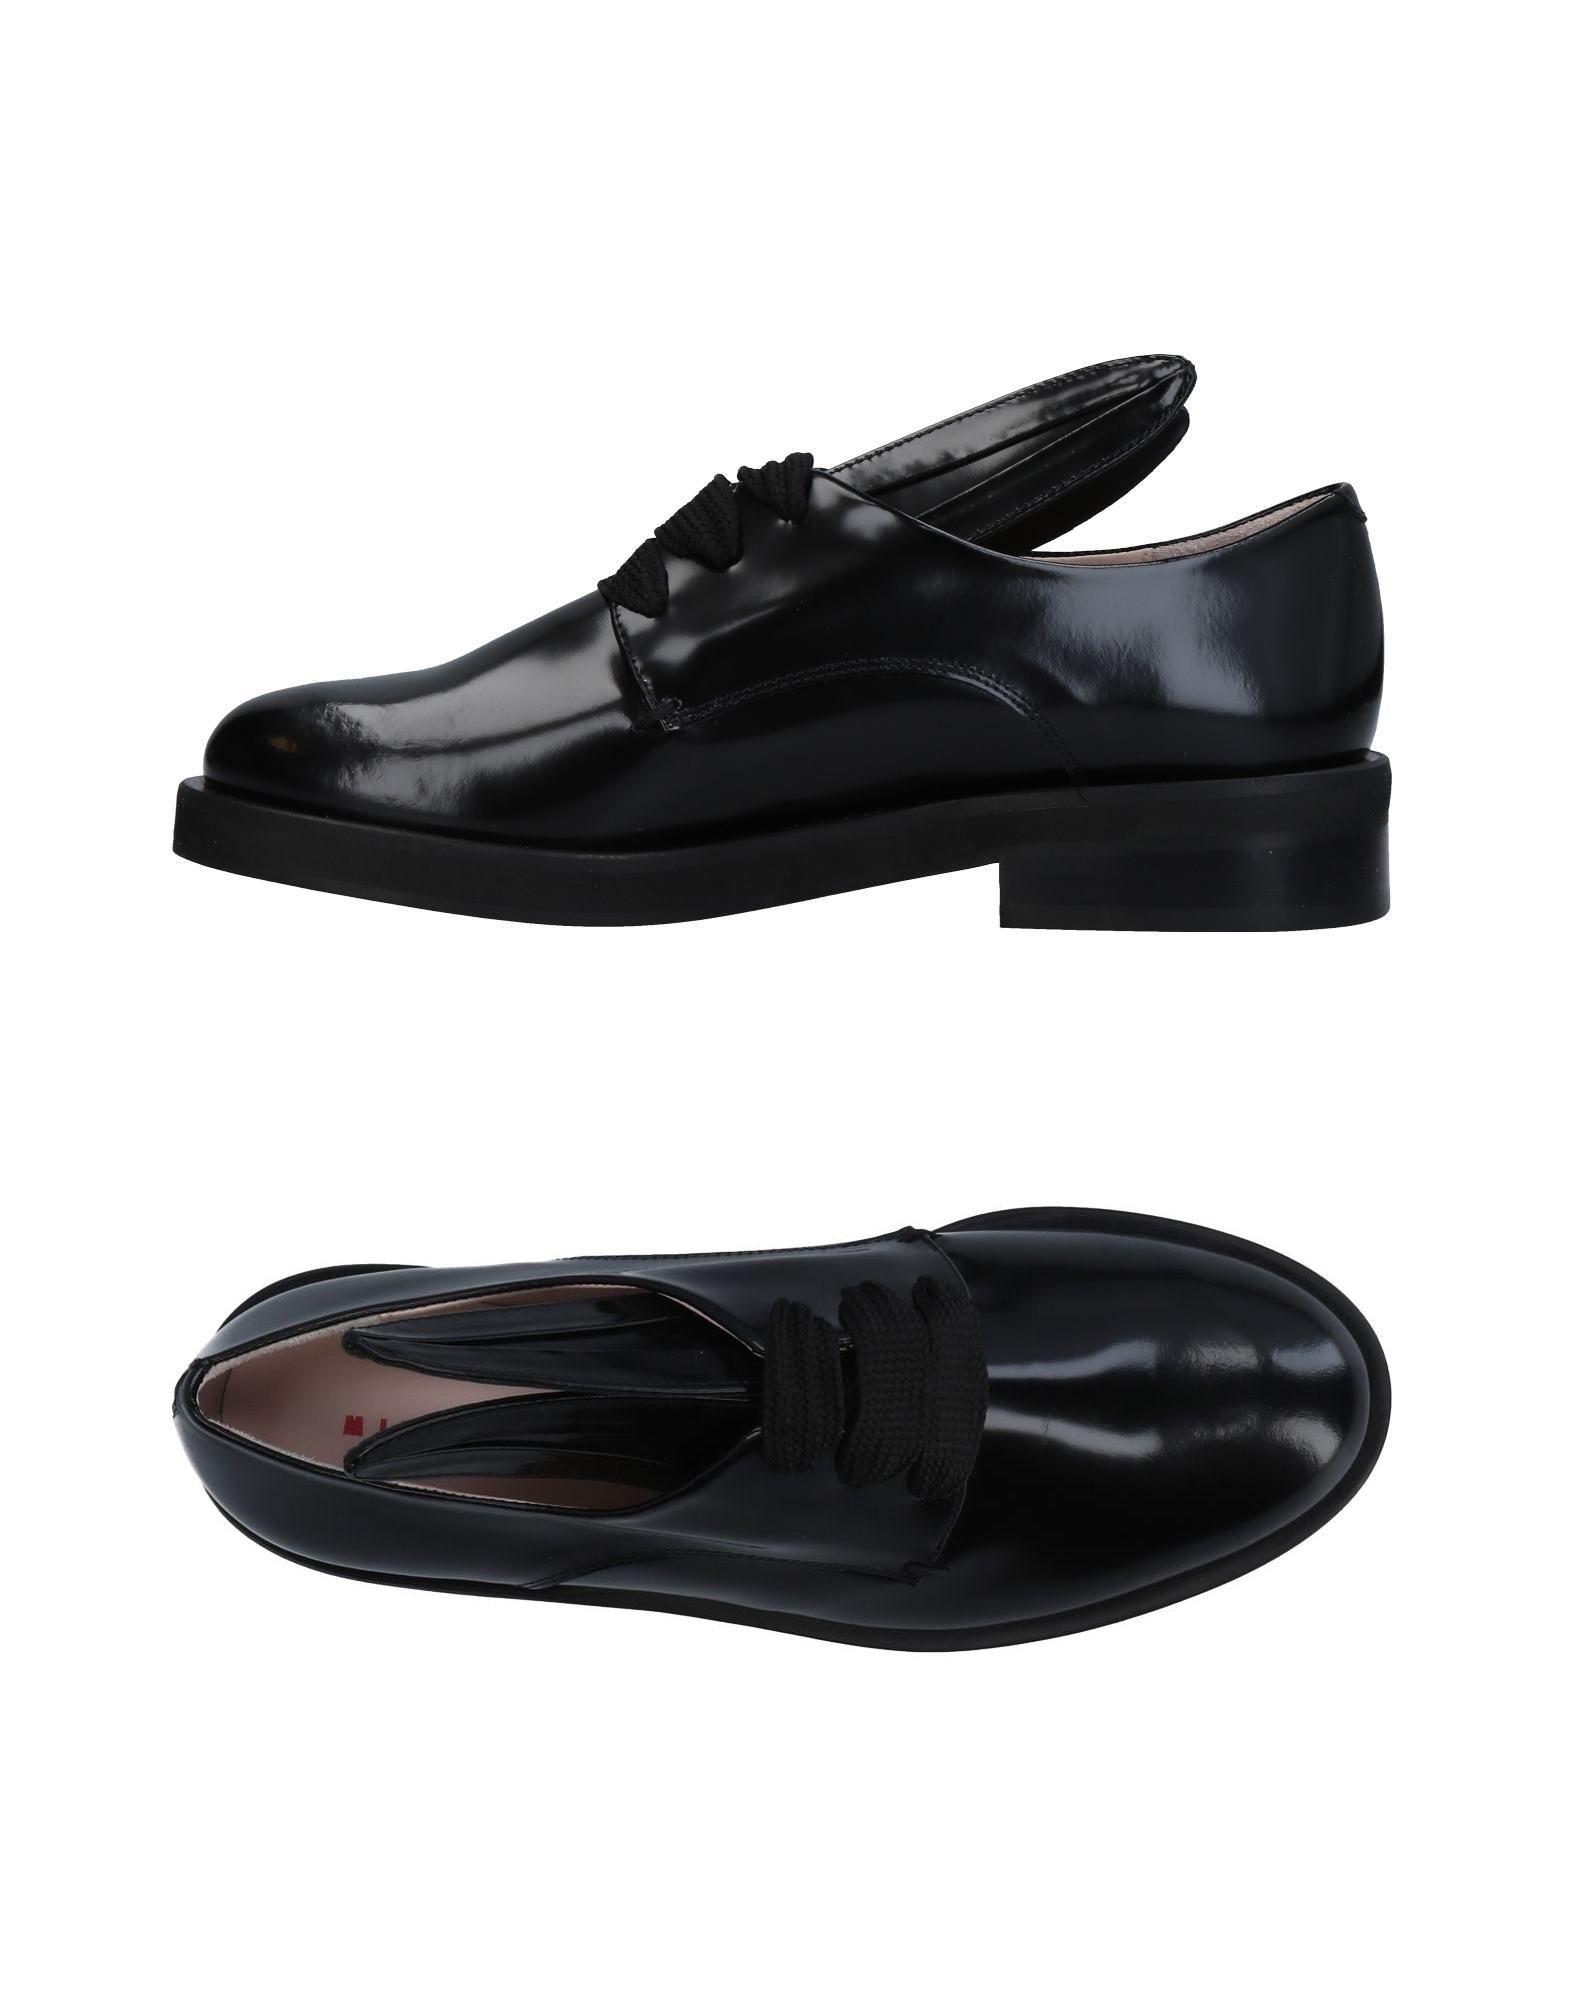 Minna Parikka Schnürschuhe Damen  11460165FWGut aussehende strapazierfähige Schuhe